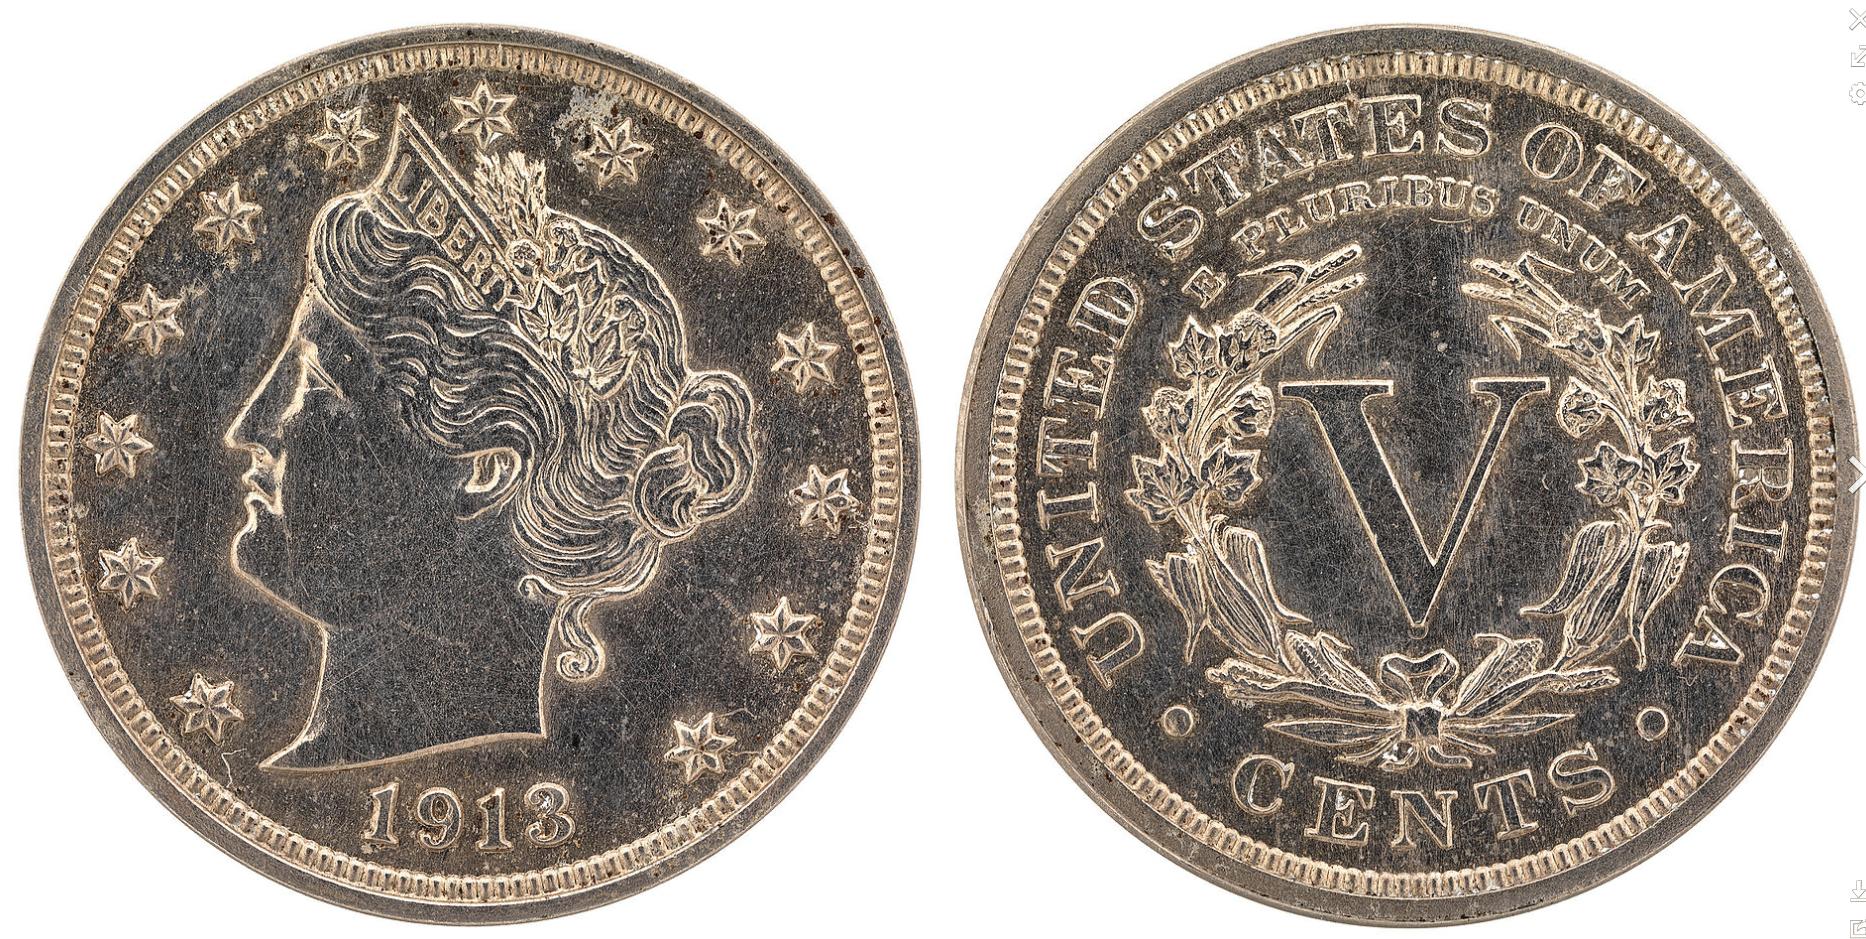 1913 Liberty Head Nickel